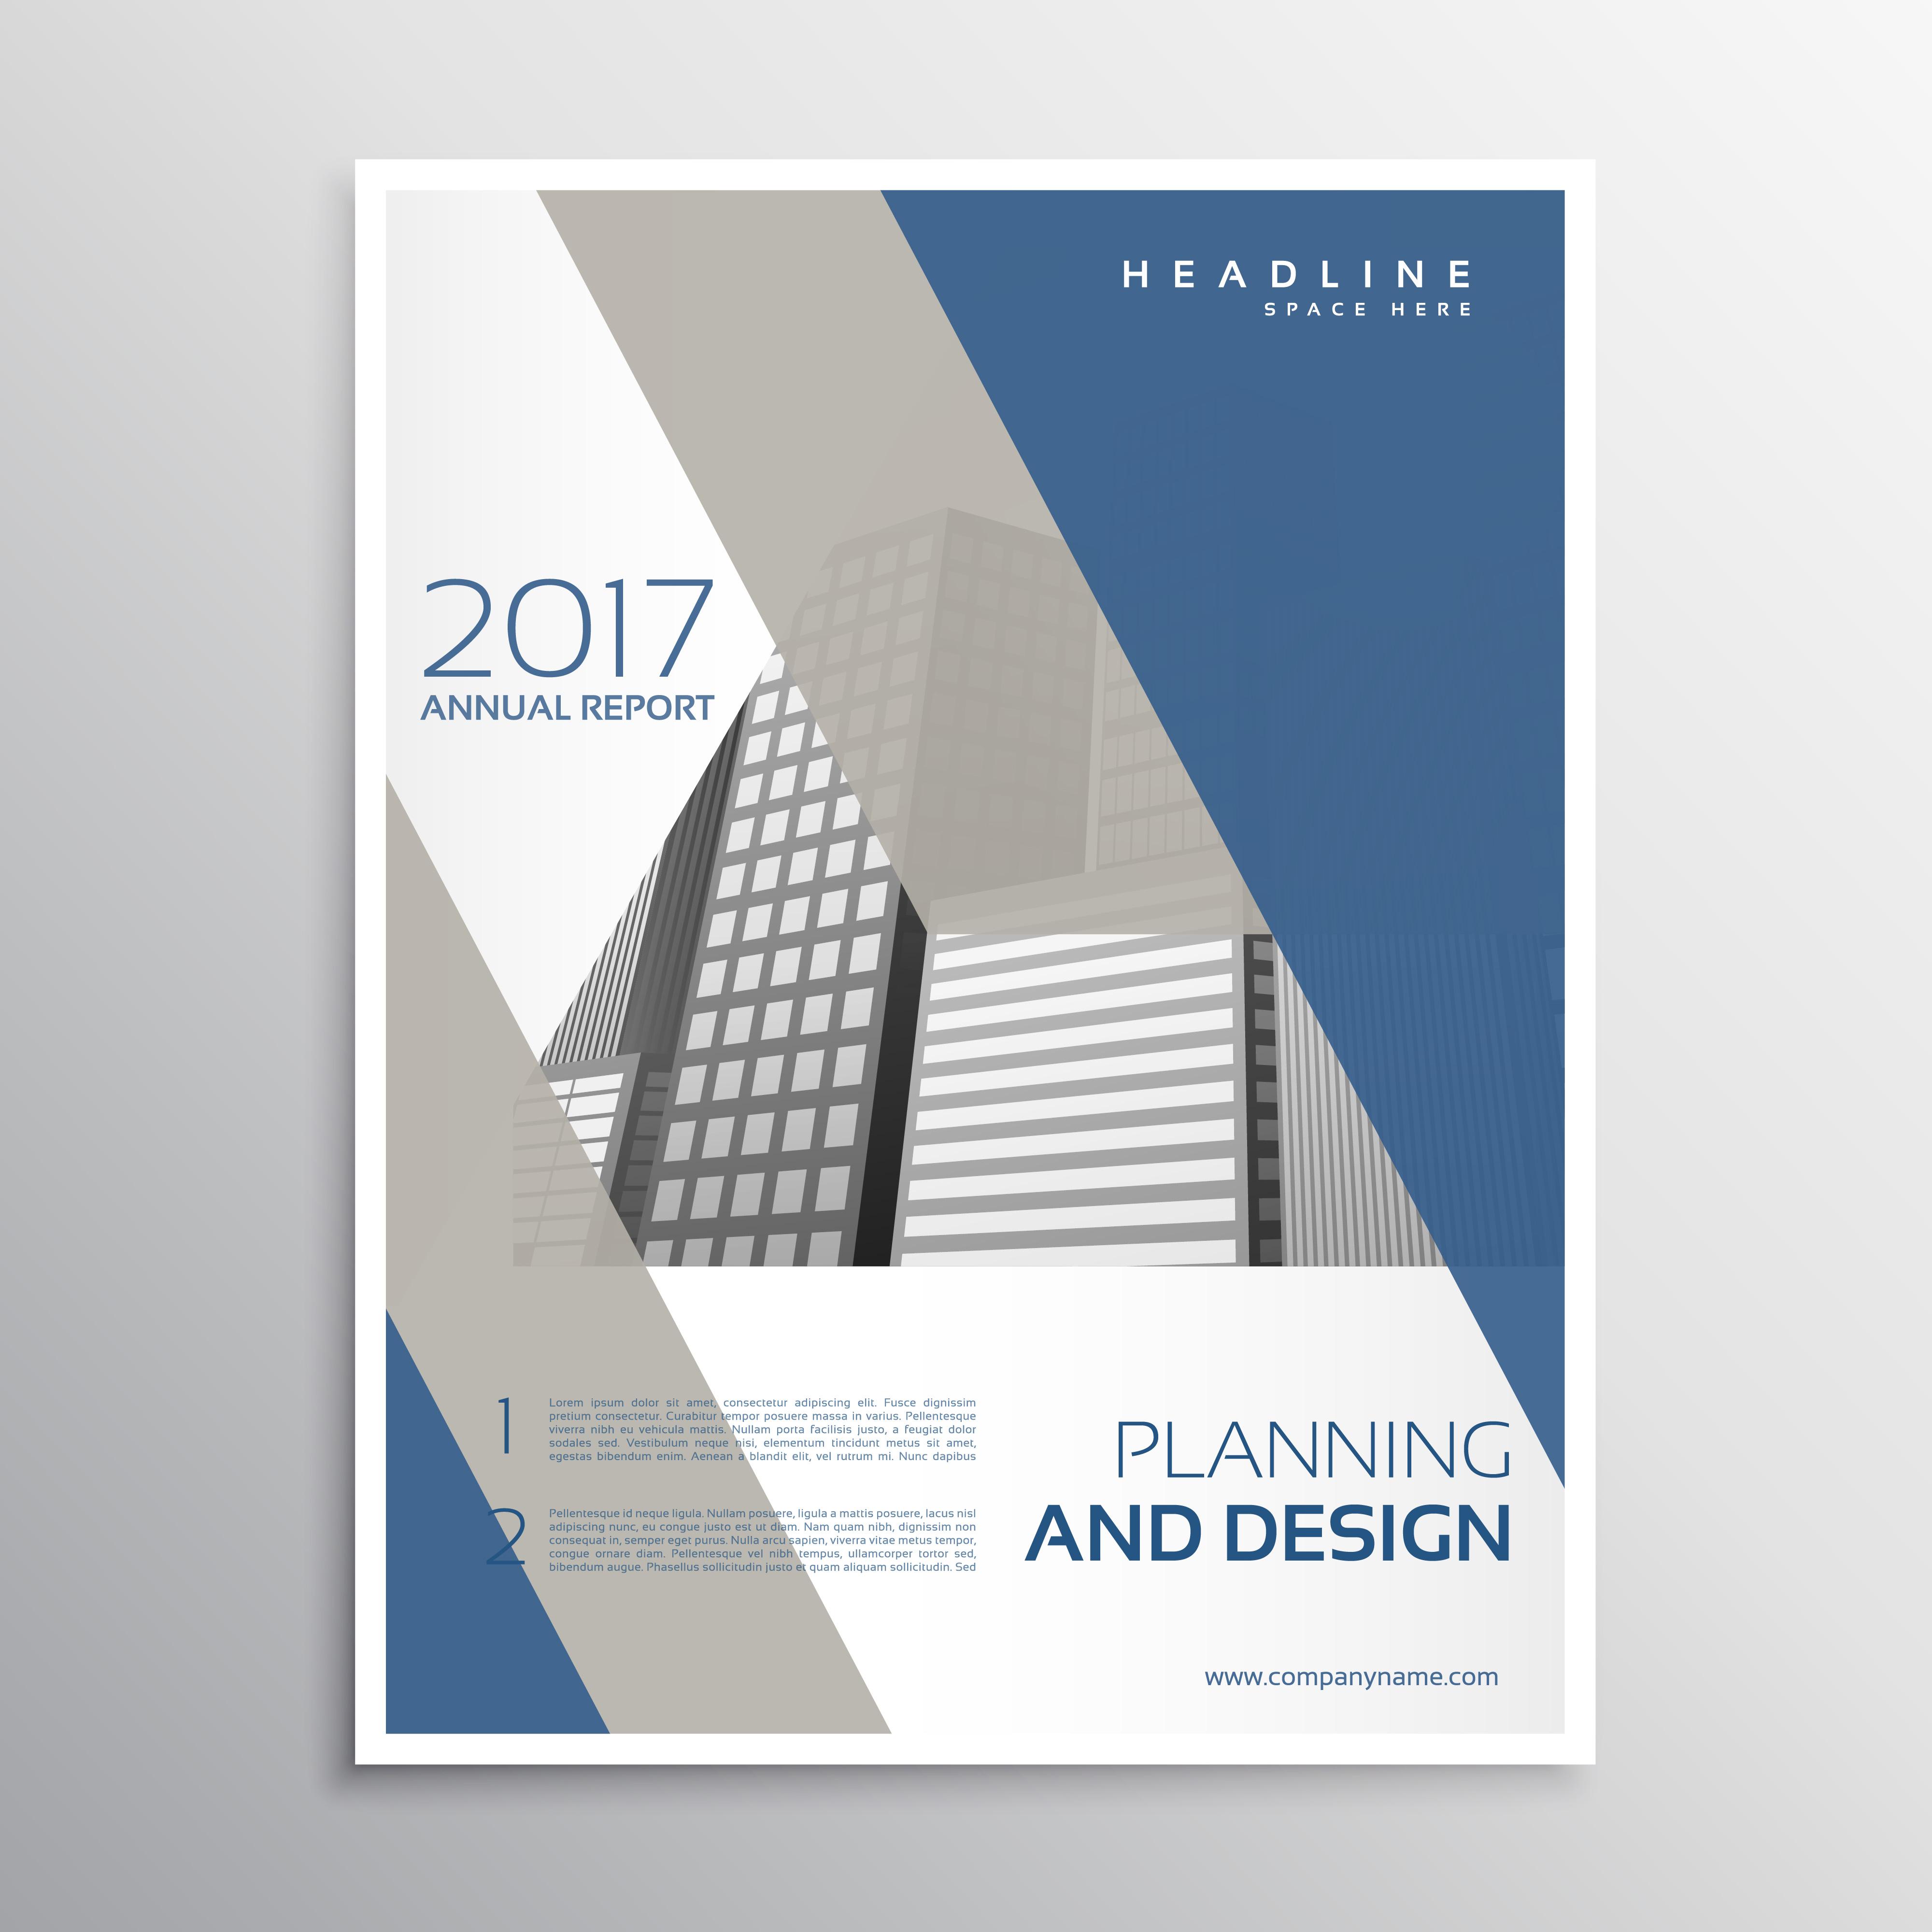 Elegant Bookcover Design: Minimal Elegant Brochure Or Leaflet Template Design With